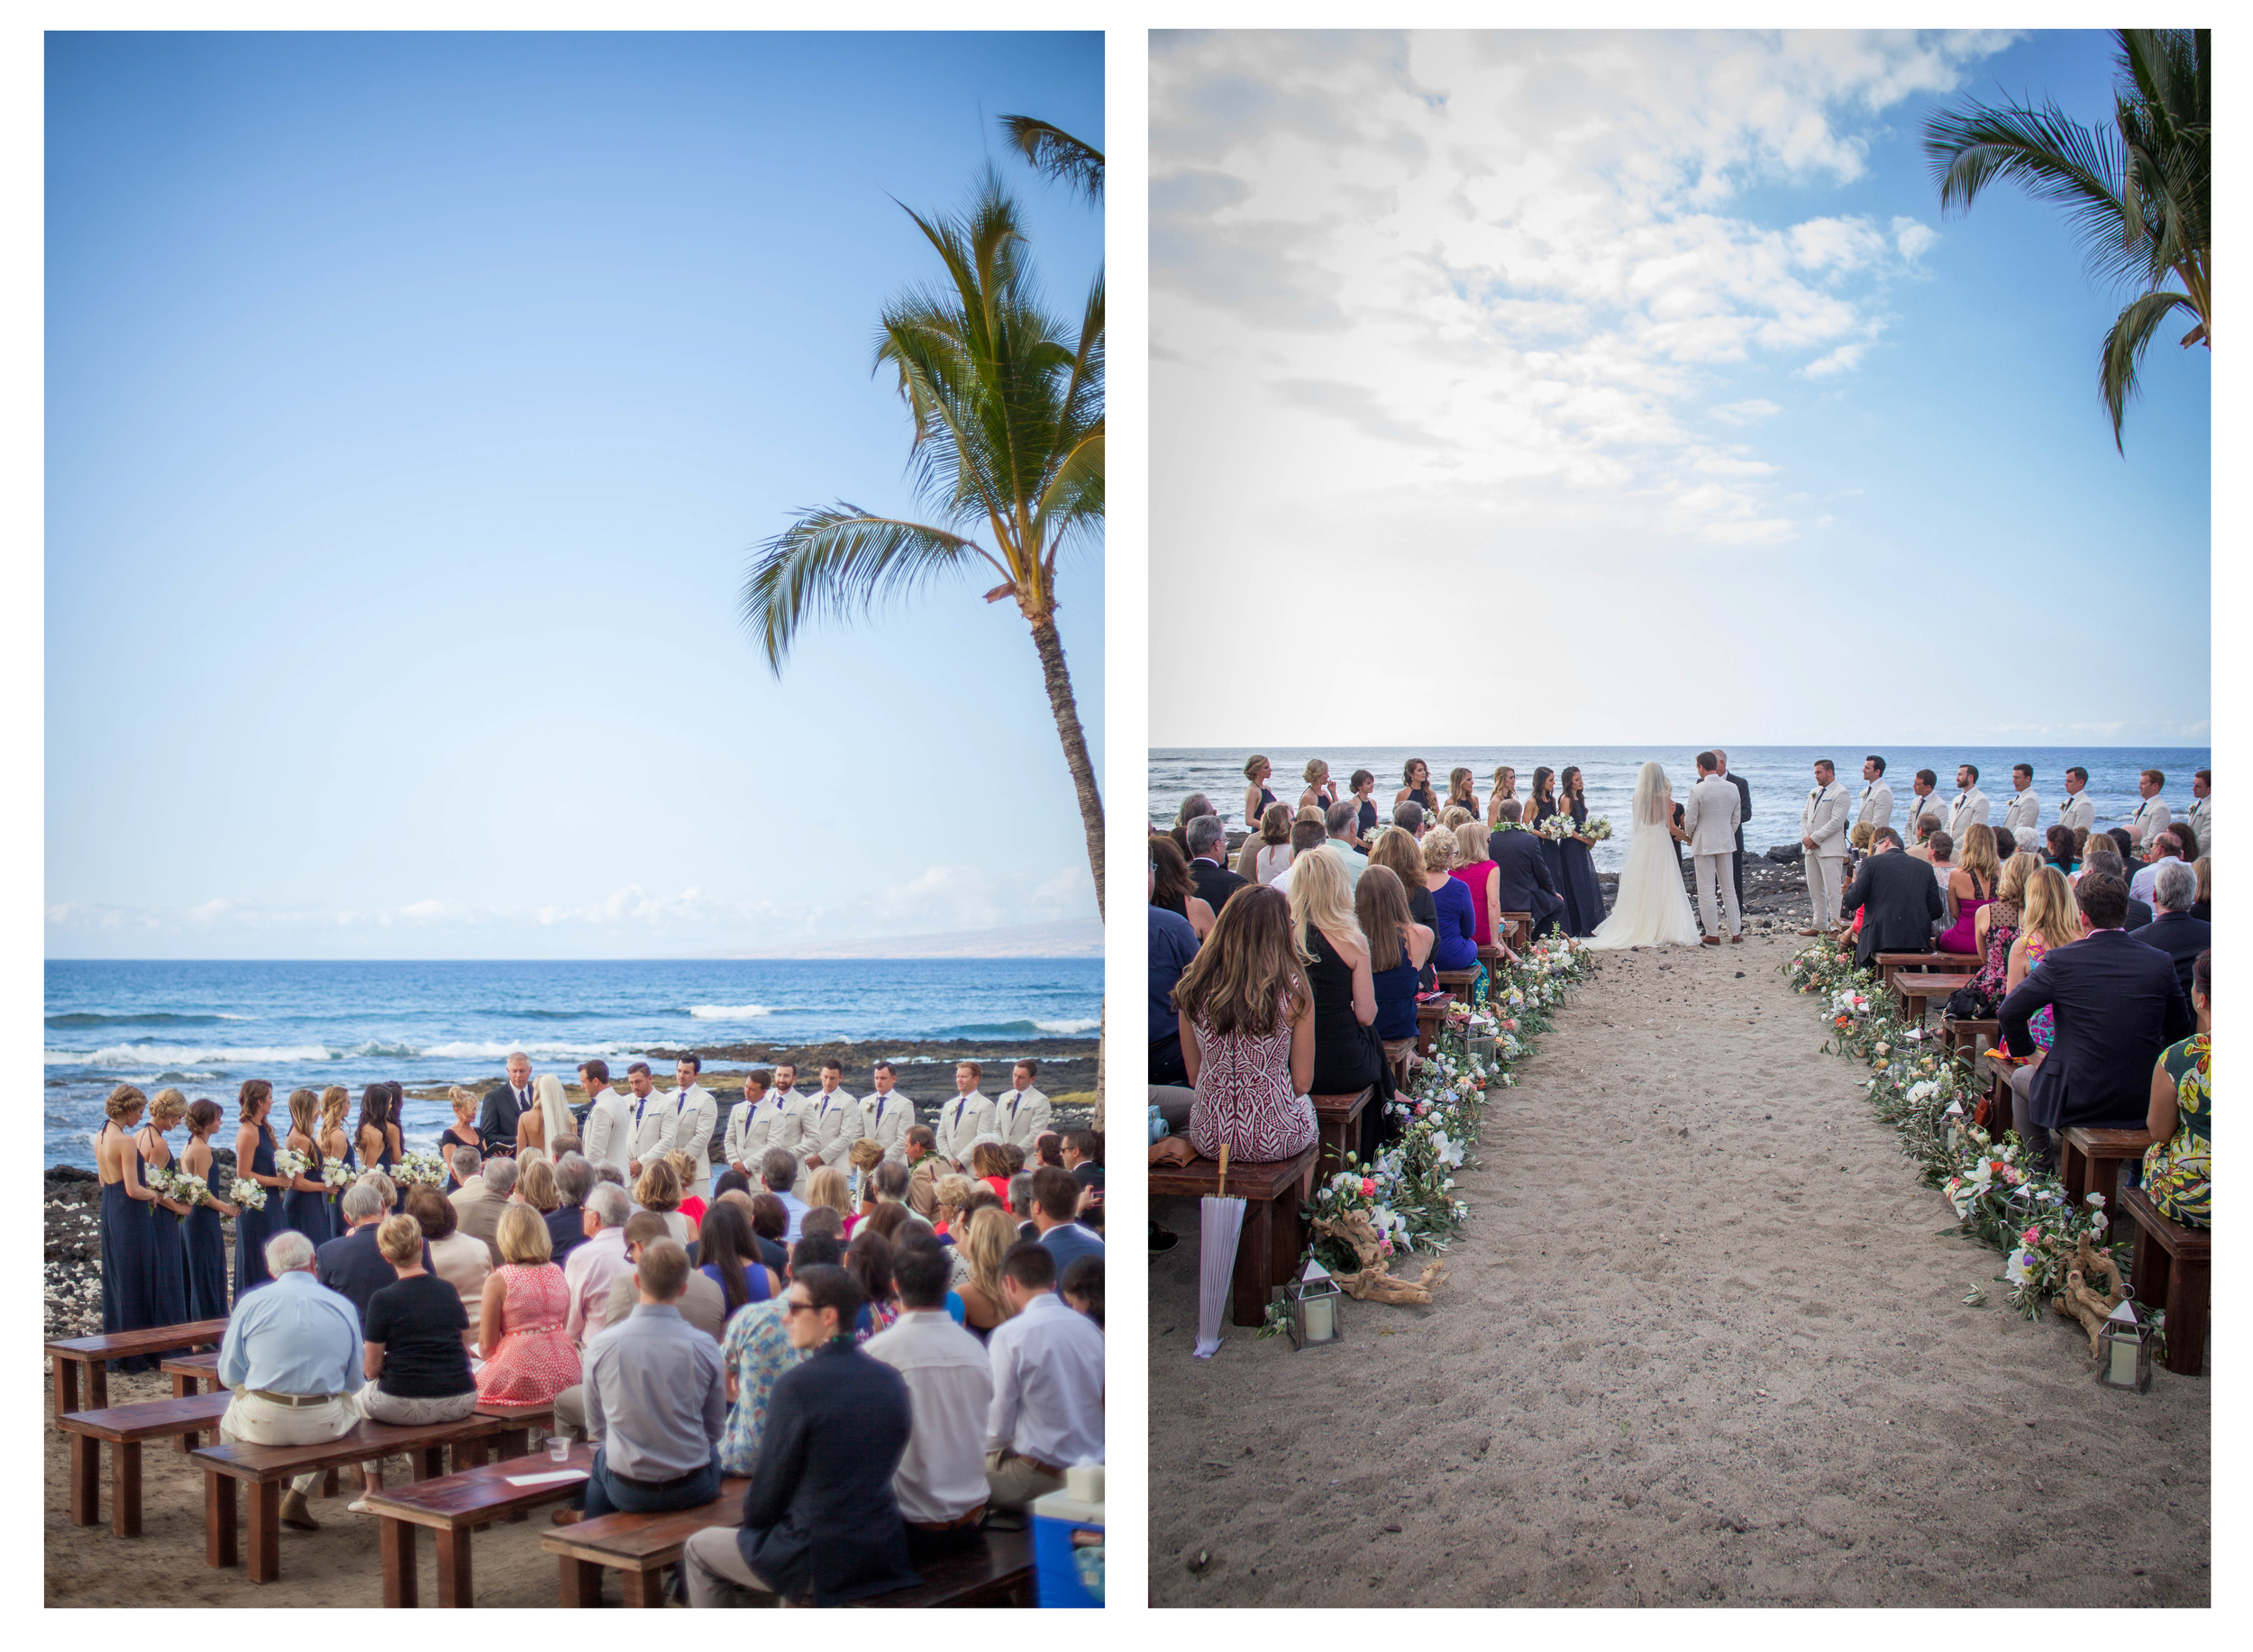 big island hawaii mauna lani resort wedding © kelilina photography 20160131131244-14.jpg